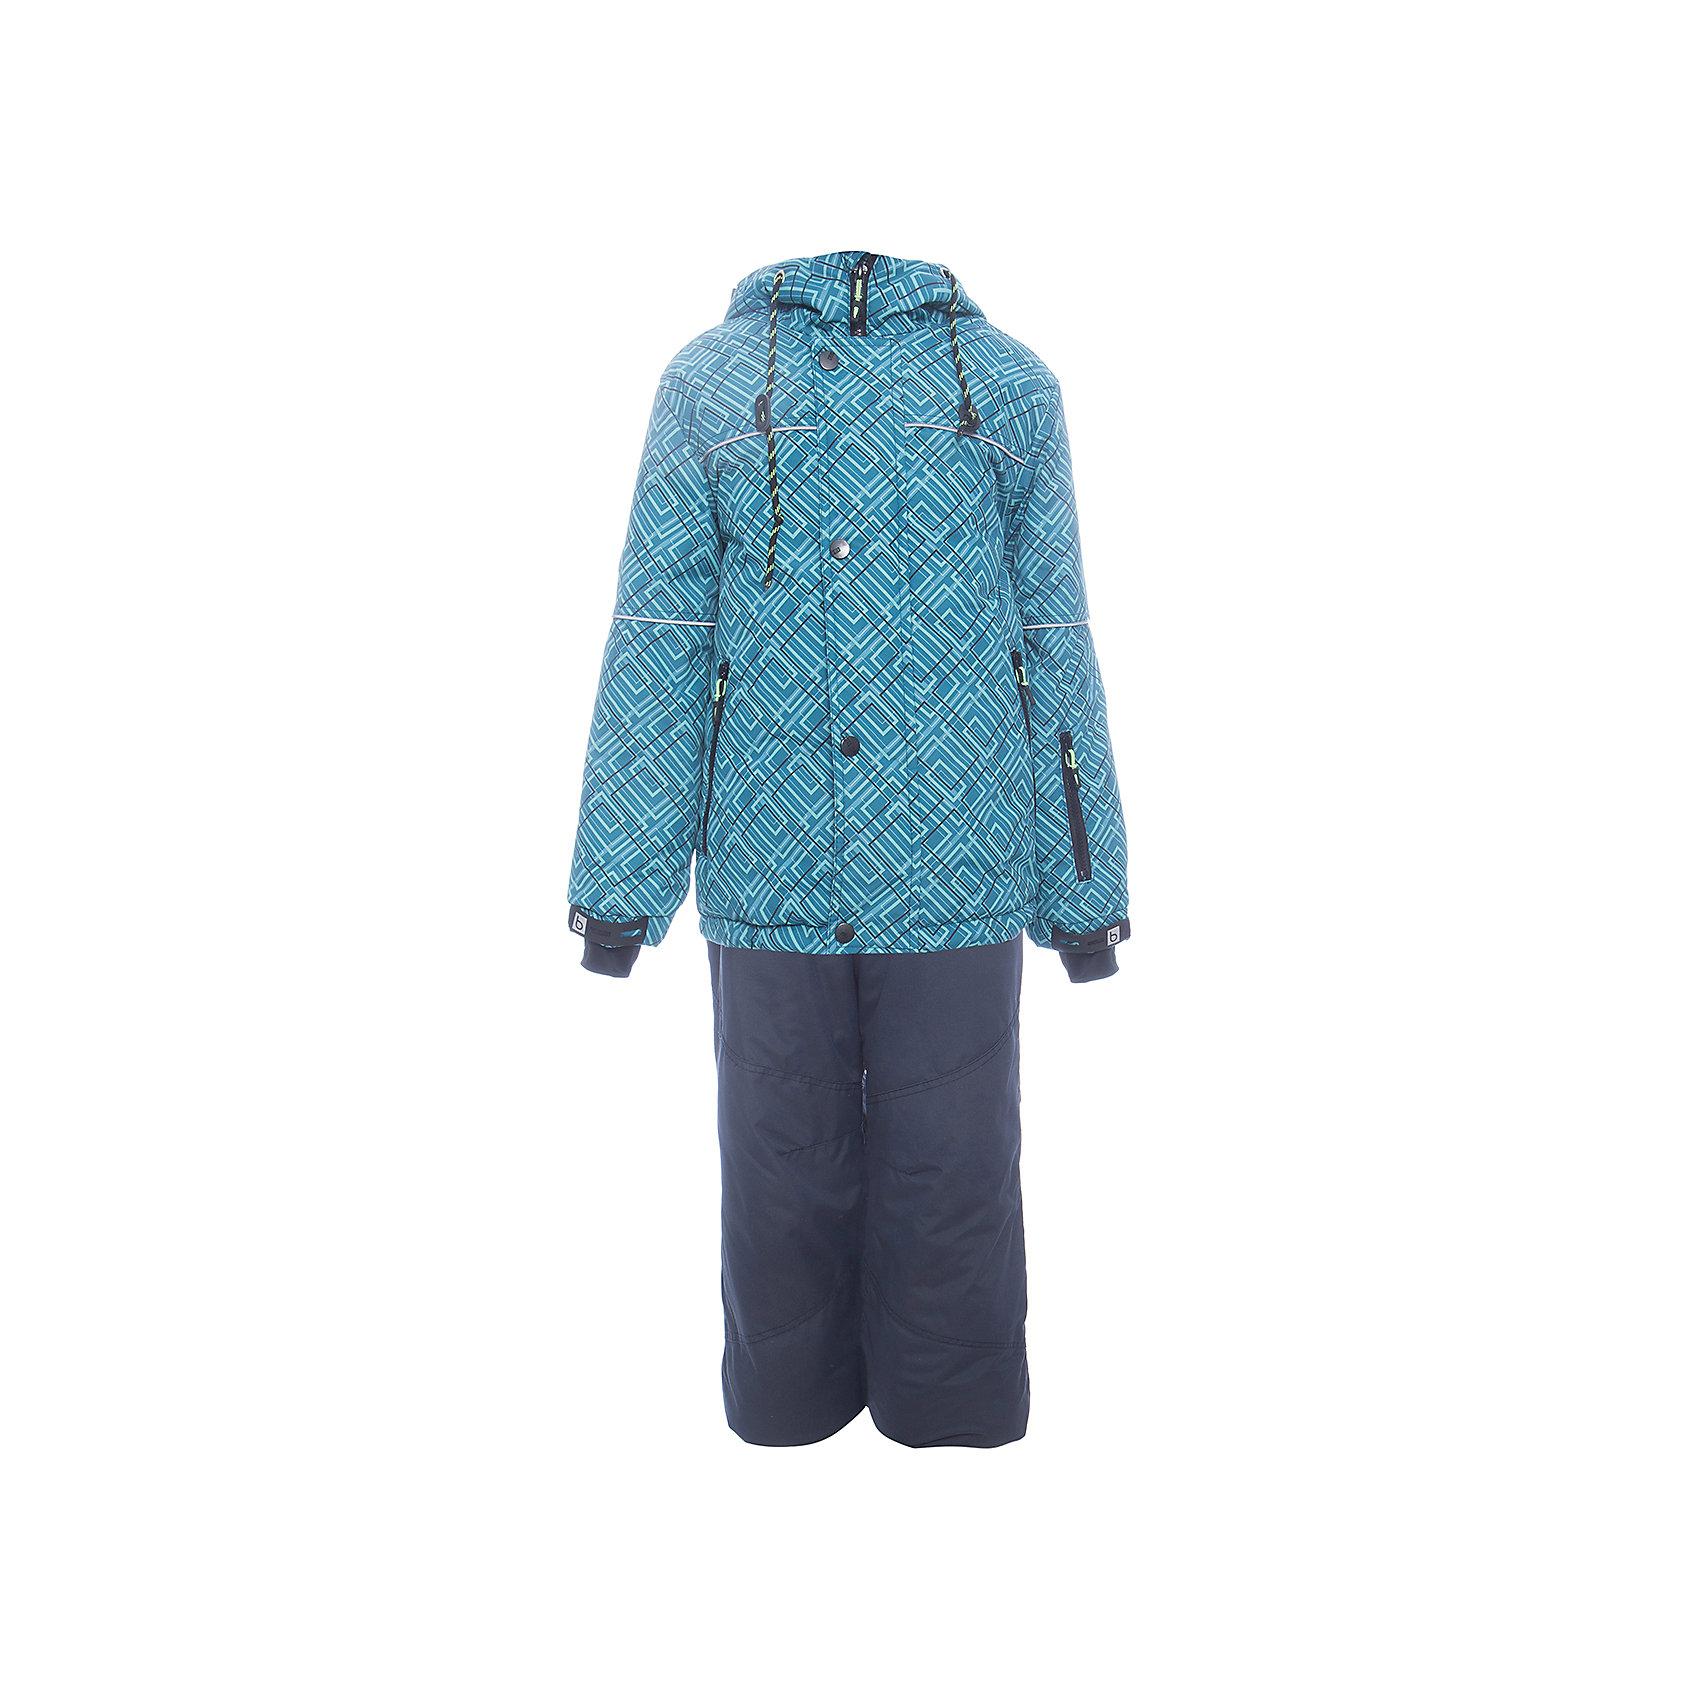 Комплект: куртка и полукомбенизон Юпитер Batik для мальчикаВерхняя одежда<br>Характеристики товара:<br><br>• цвет: бирюзовый<br>• комплектация: куртка и полукомбинезон<br>• состав ткани: таслан<br>• подкладка: поларфлис<br>• утеплитель: слайтекс<br>• сезон: зима<br>• мембранное покрытие<br>• температурный режим: от -35 до 0<br>• водонепроницаемость: 5000 мм <br>• паропроницаемость: 5000 г/м2<br>• плотность утеплителя: куртка - 350 г/м2, полукомбинезон - 200 г/м2<br>• застежка: молния<br>• капюшон: без меха, отстегивается<br>• встроенный термодатчик<br>• страна бренда: Россия<br>• страна изготовитель: Россия<br><br>Зимний комплект для ребенка оснащен удобной молнией и капюшоном. Модный мембранный комплект для мальчика элементарно чистится и долго служит. Детский комплект для зимы сделан легкого, но теплого материала. Этот мембранный комплект для мальчика отличается удобными внутренними манжетами. <br><br>Комплект: куртка и полукомбинезон Юпитер Batik (Батик) для мальчика можно купить в нашем интернет-магазине.<br><br>Ширина мм: 356<br>Глубина мм: 10<br>Высота мм: 245<br>Вес г: 519<br>Цвет: бирюзовый<br>Возраст от месяцев: 120<br>Возраст до месяцев: 132<br>Пол: Мужской<br>Возраст: Детский<br>Размер: 146,122,128,134,140<br>SKU: 7028329